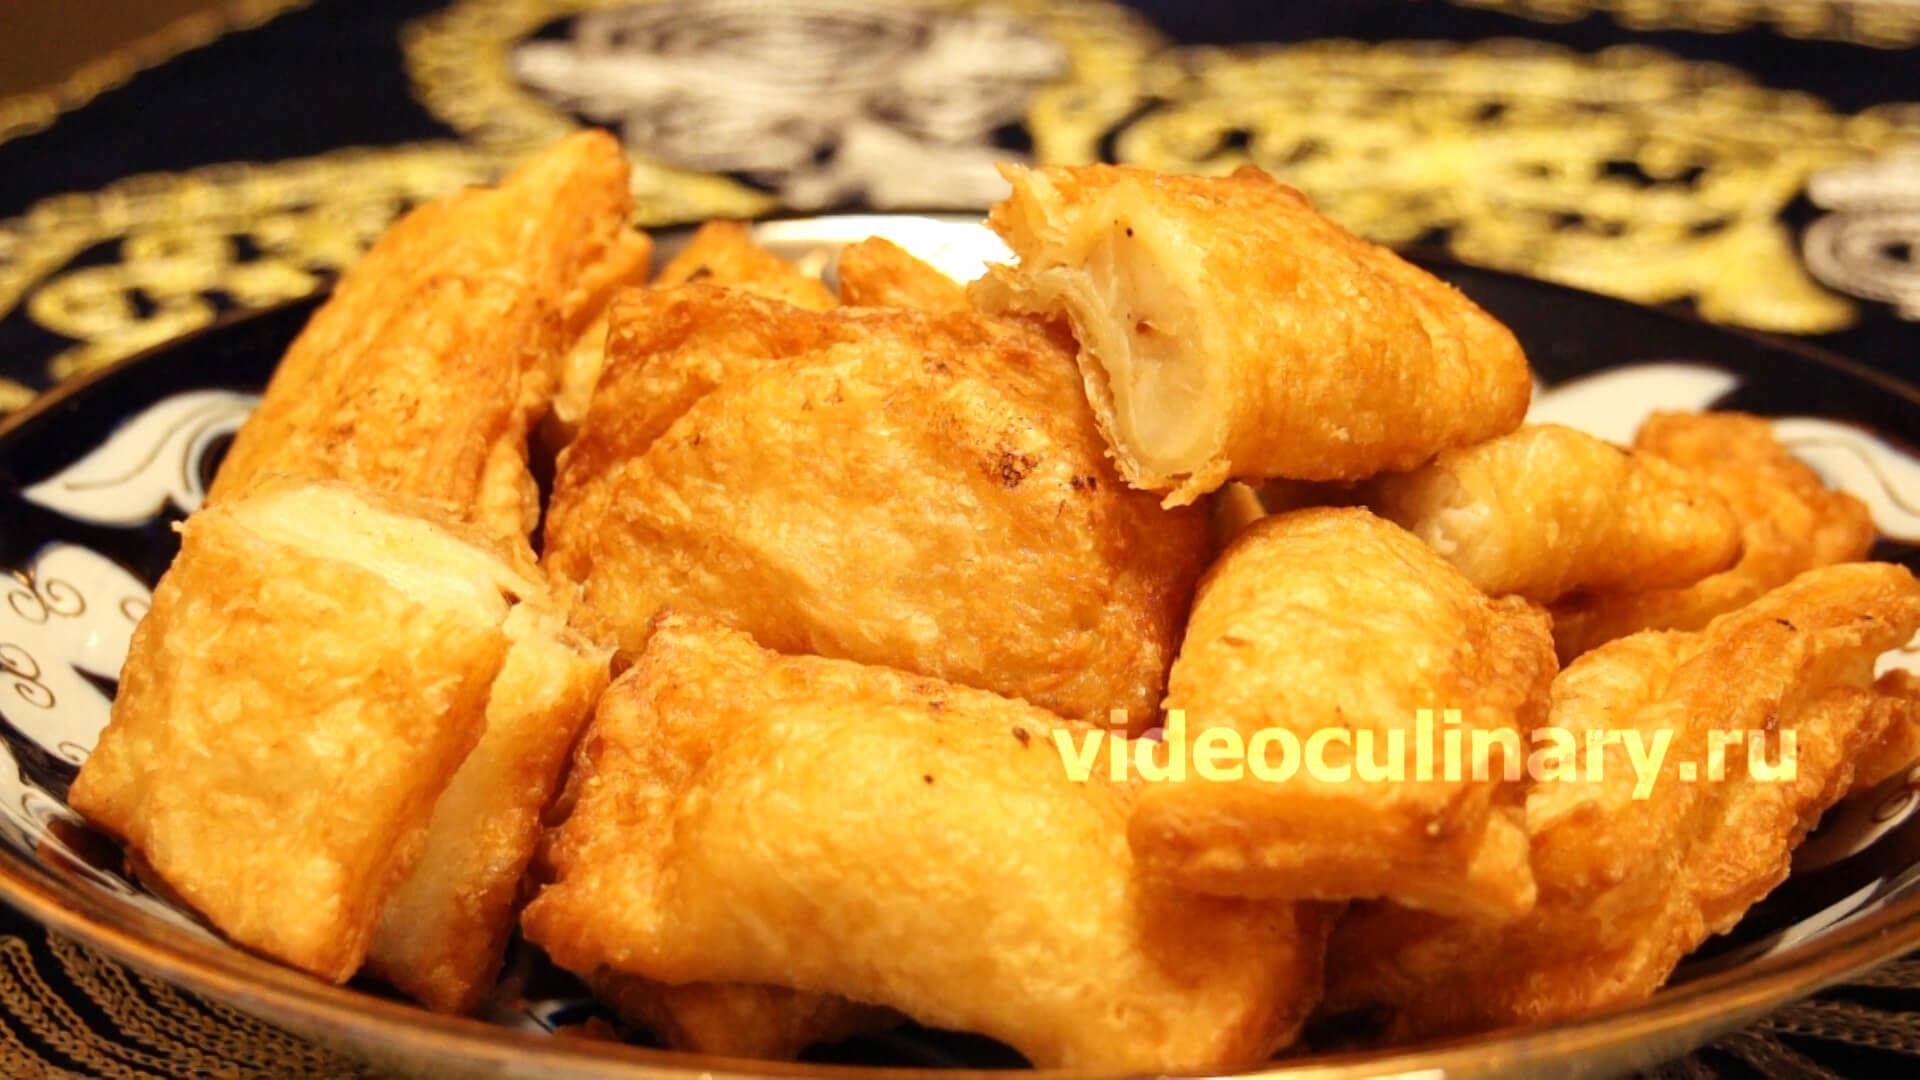 Самса слоёная с картофелем, жаренная во фритюре